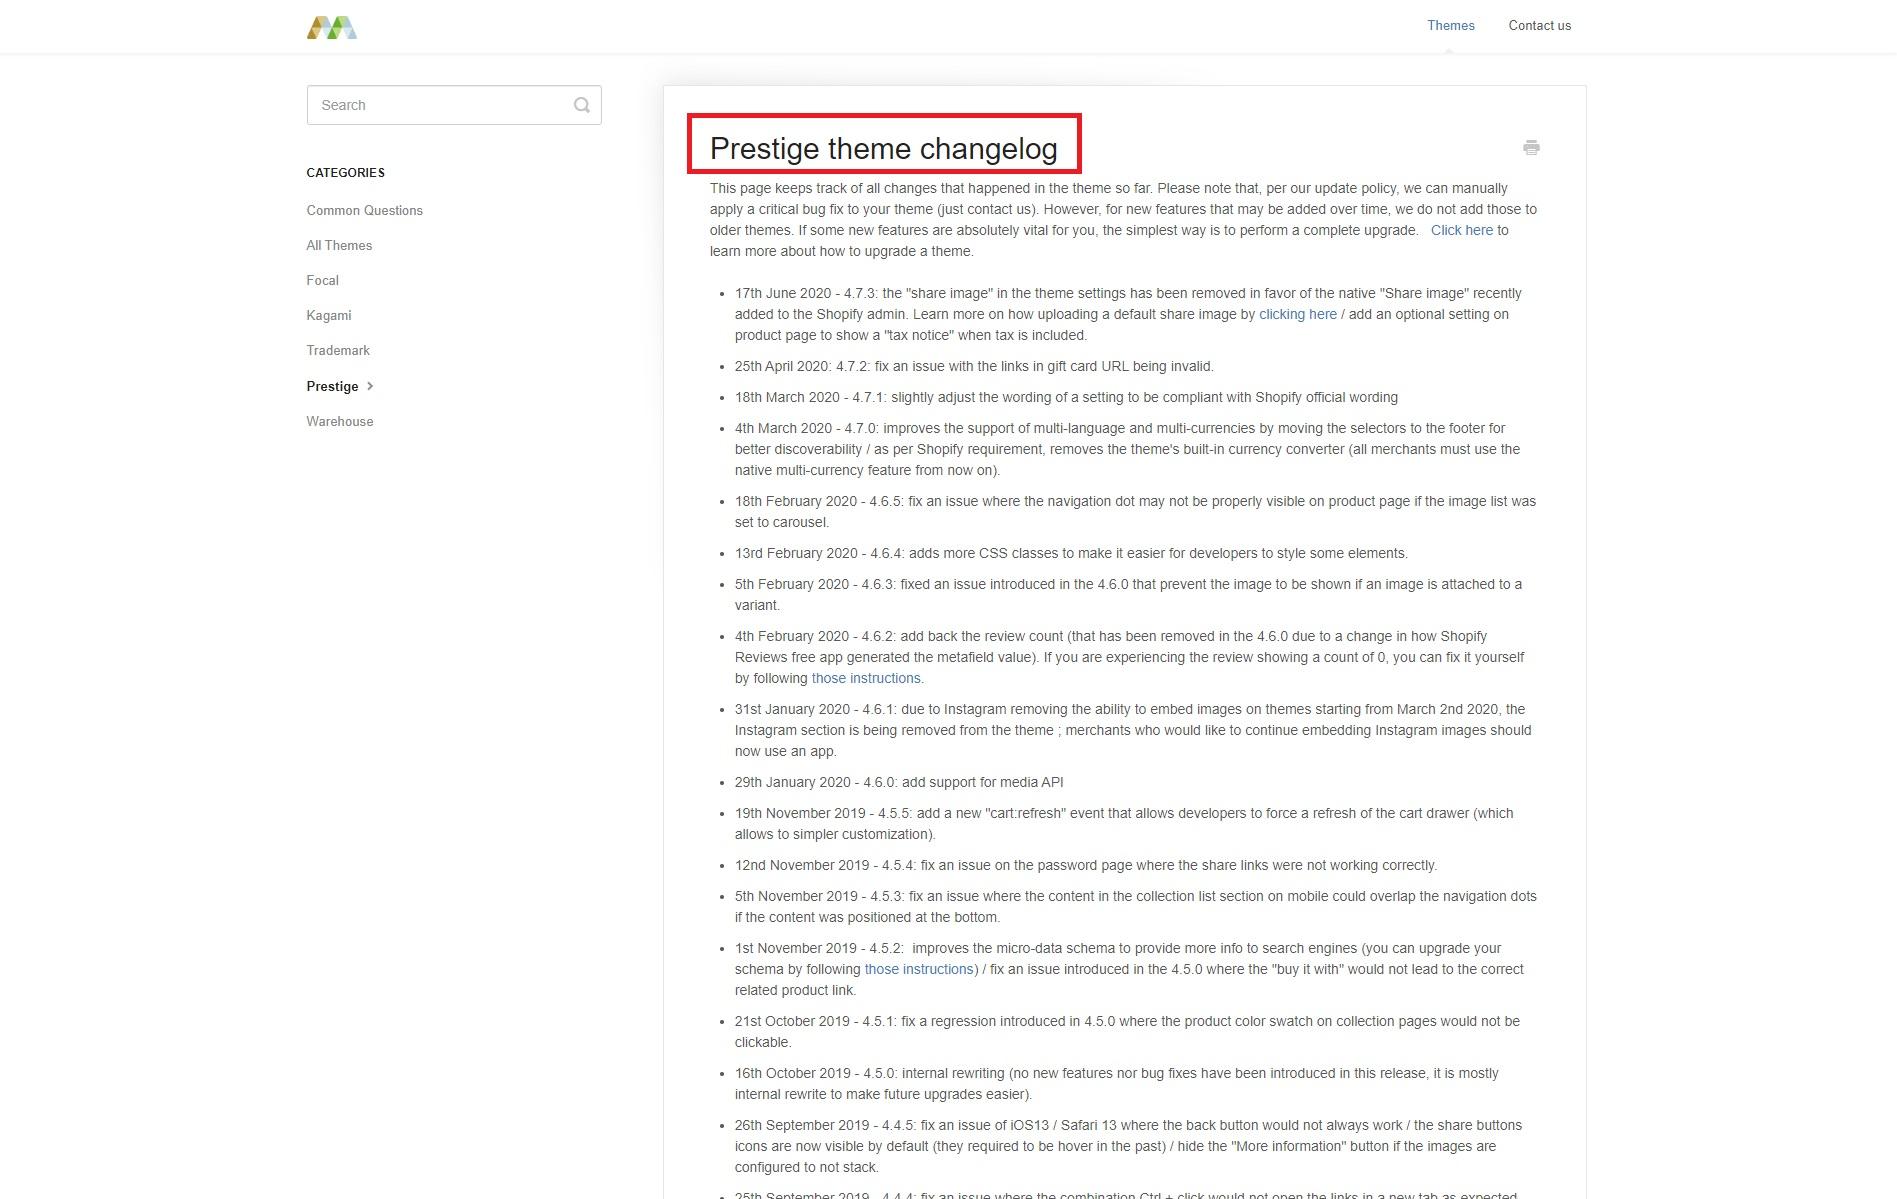 Shopify Theme changelog